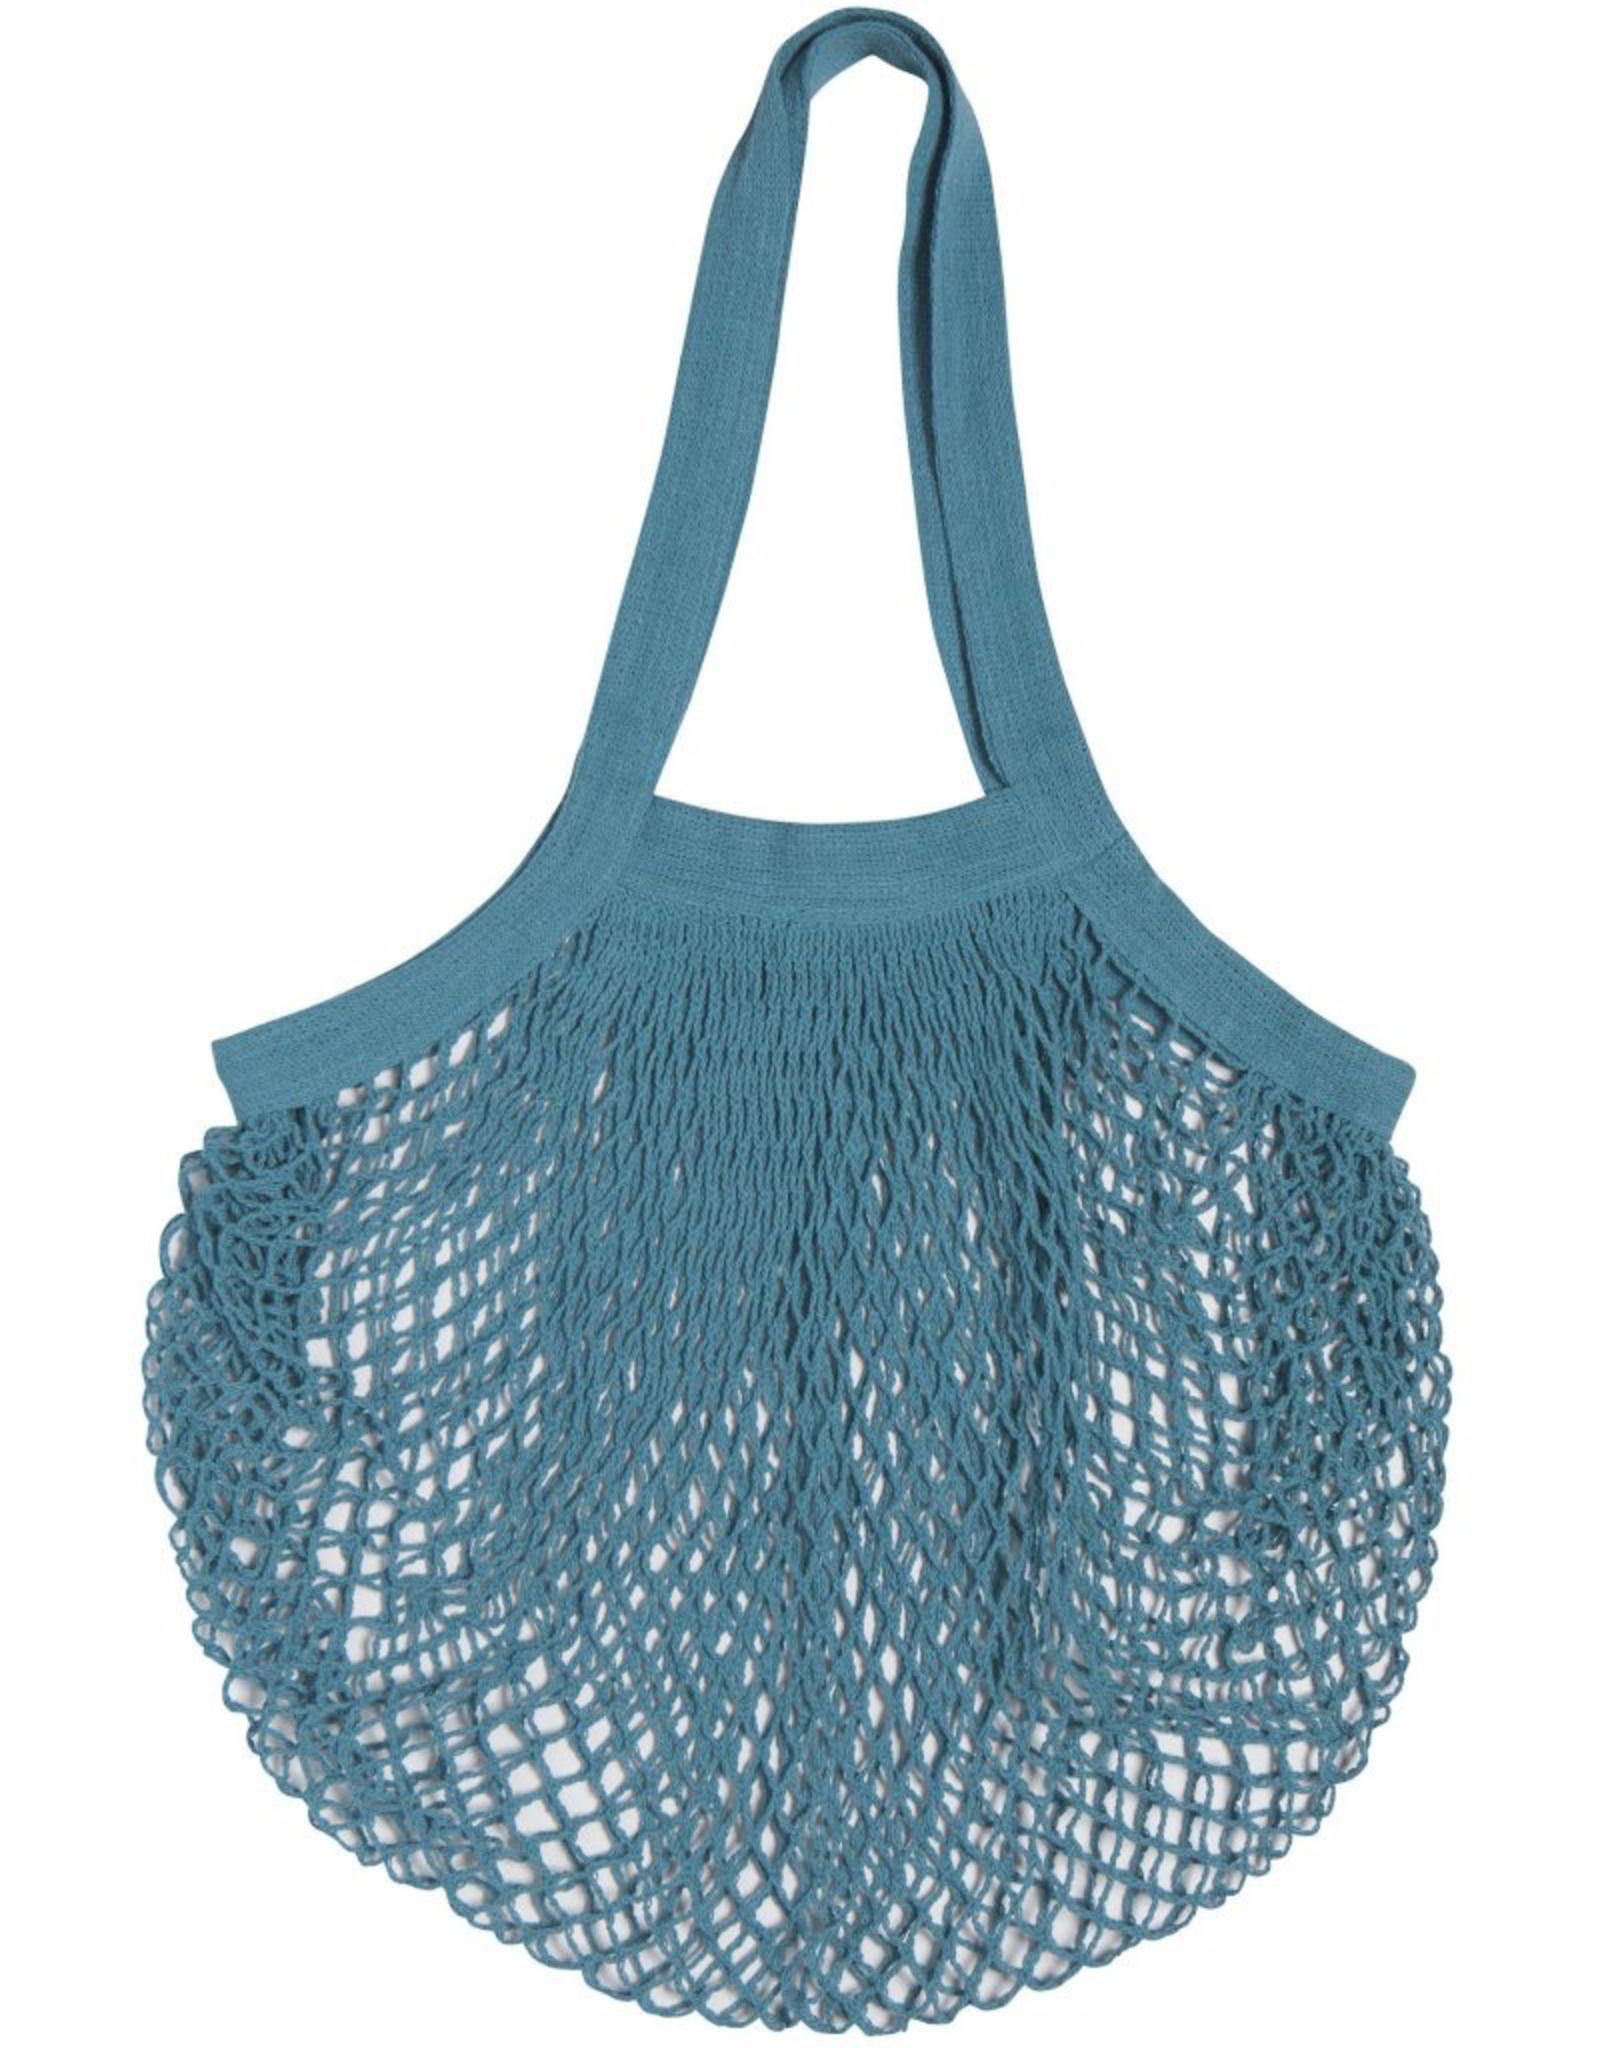 Le Marche Shopping Bag-Blue